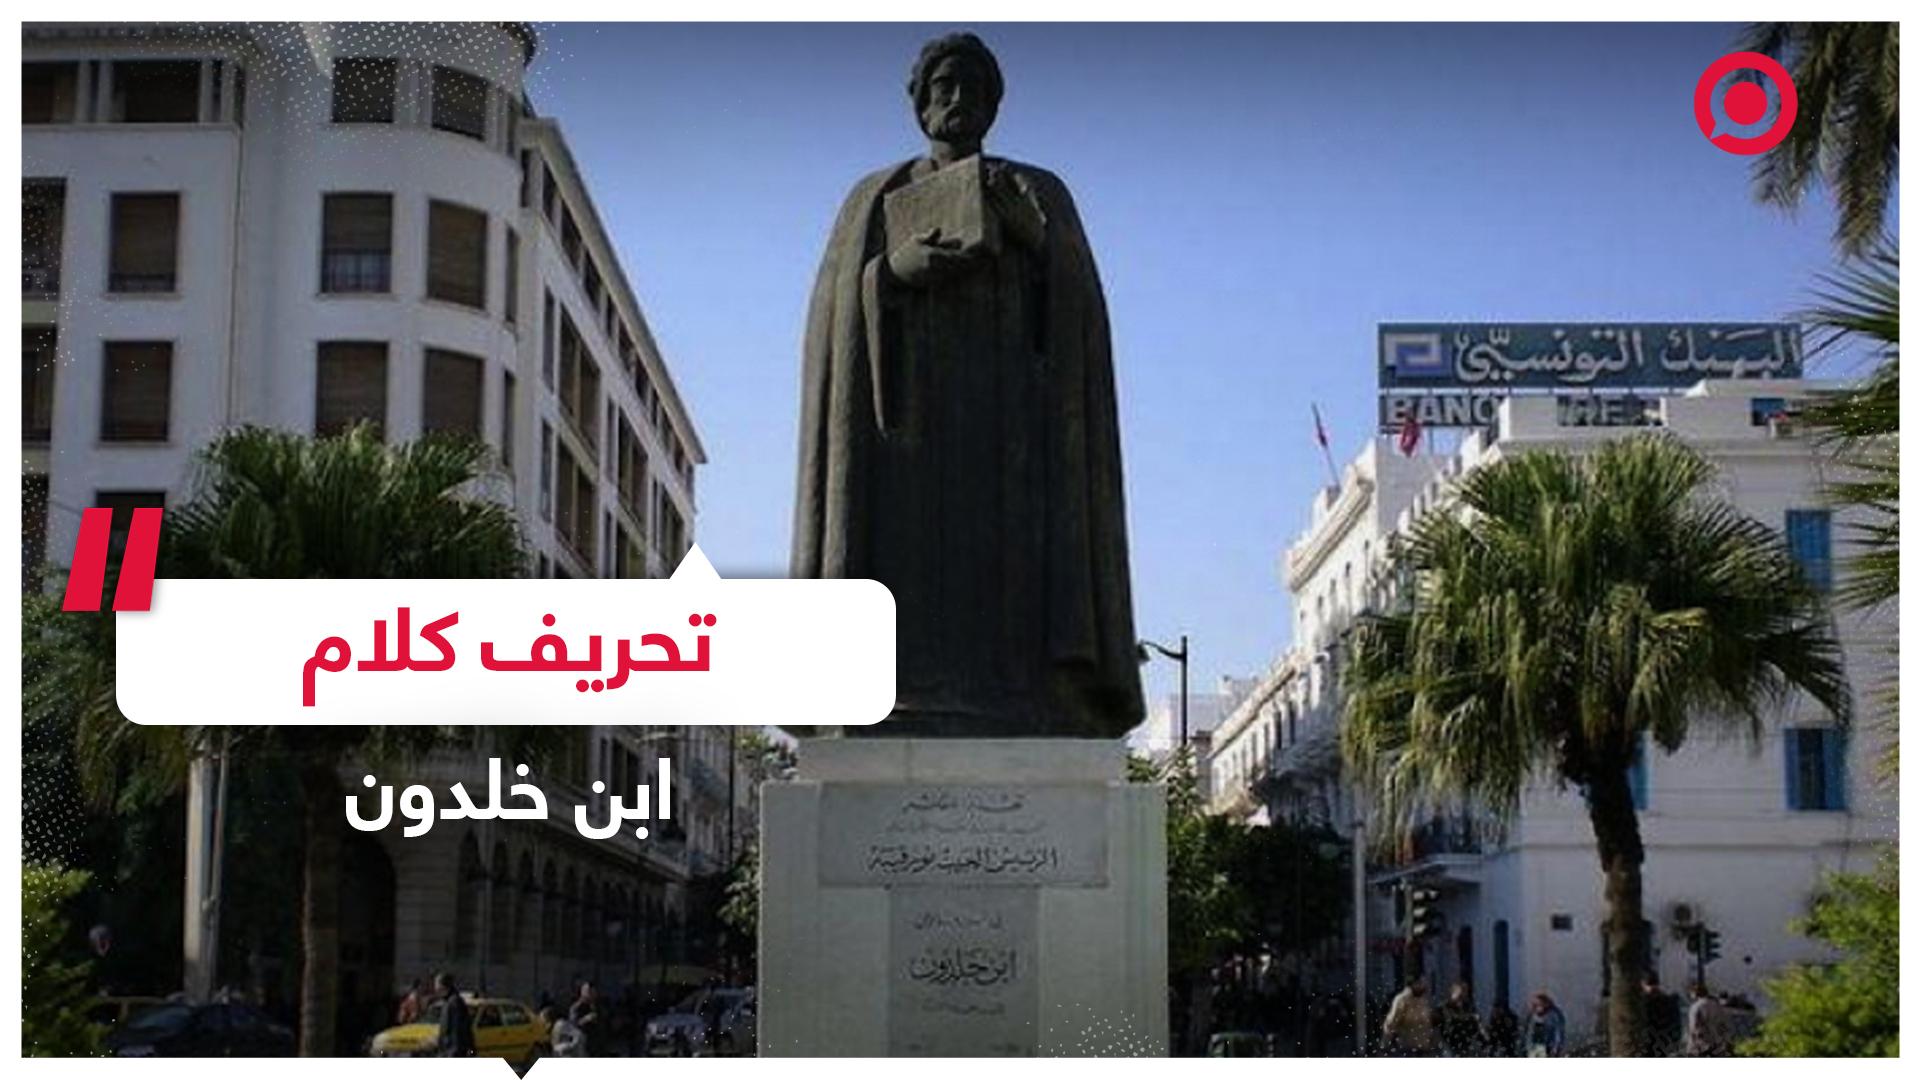 #تونس #ابن_خلدون #خطأ_لغوي